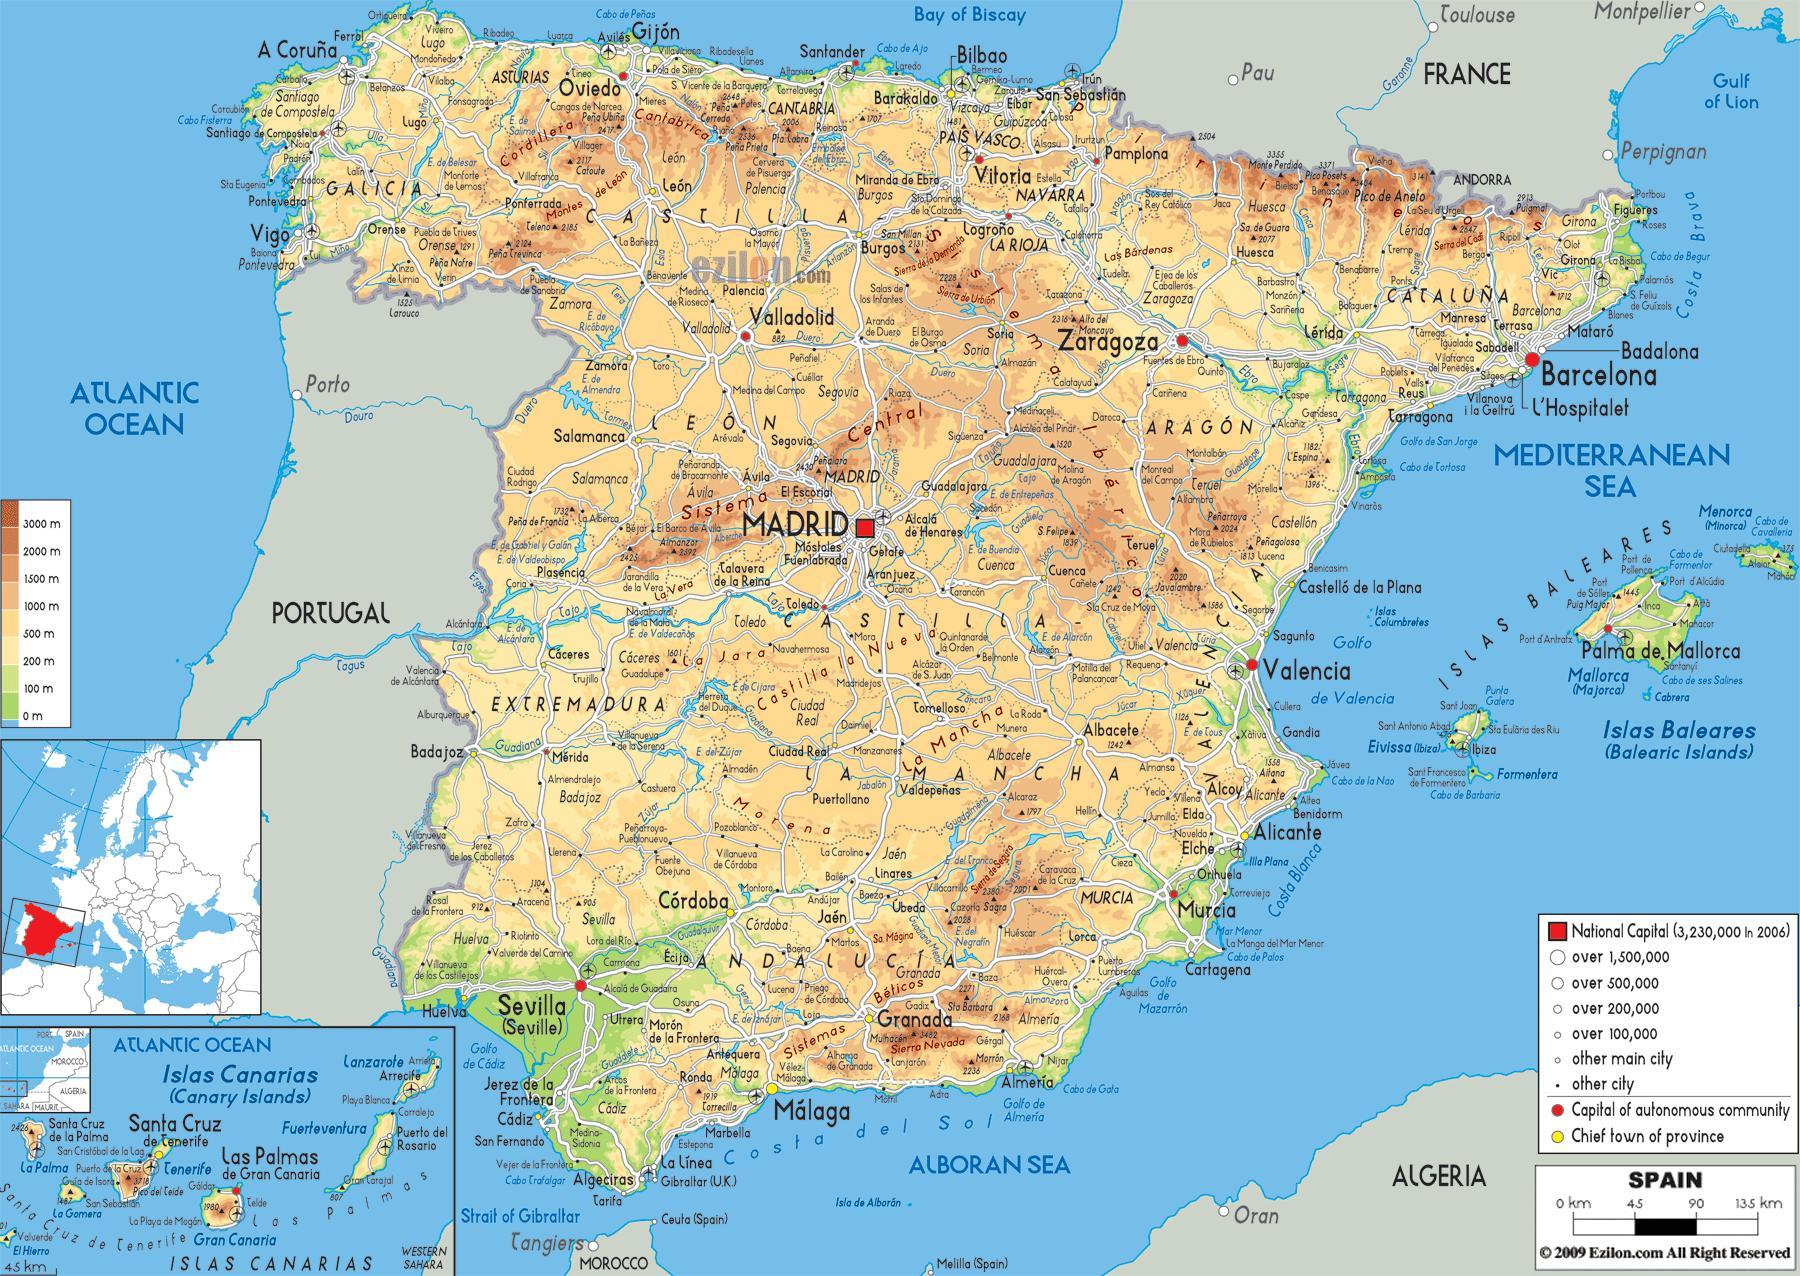 kart over spania Spania skoler kart   Kart over Spania skoler (Sør Europa   Europa) kart over spania